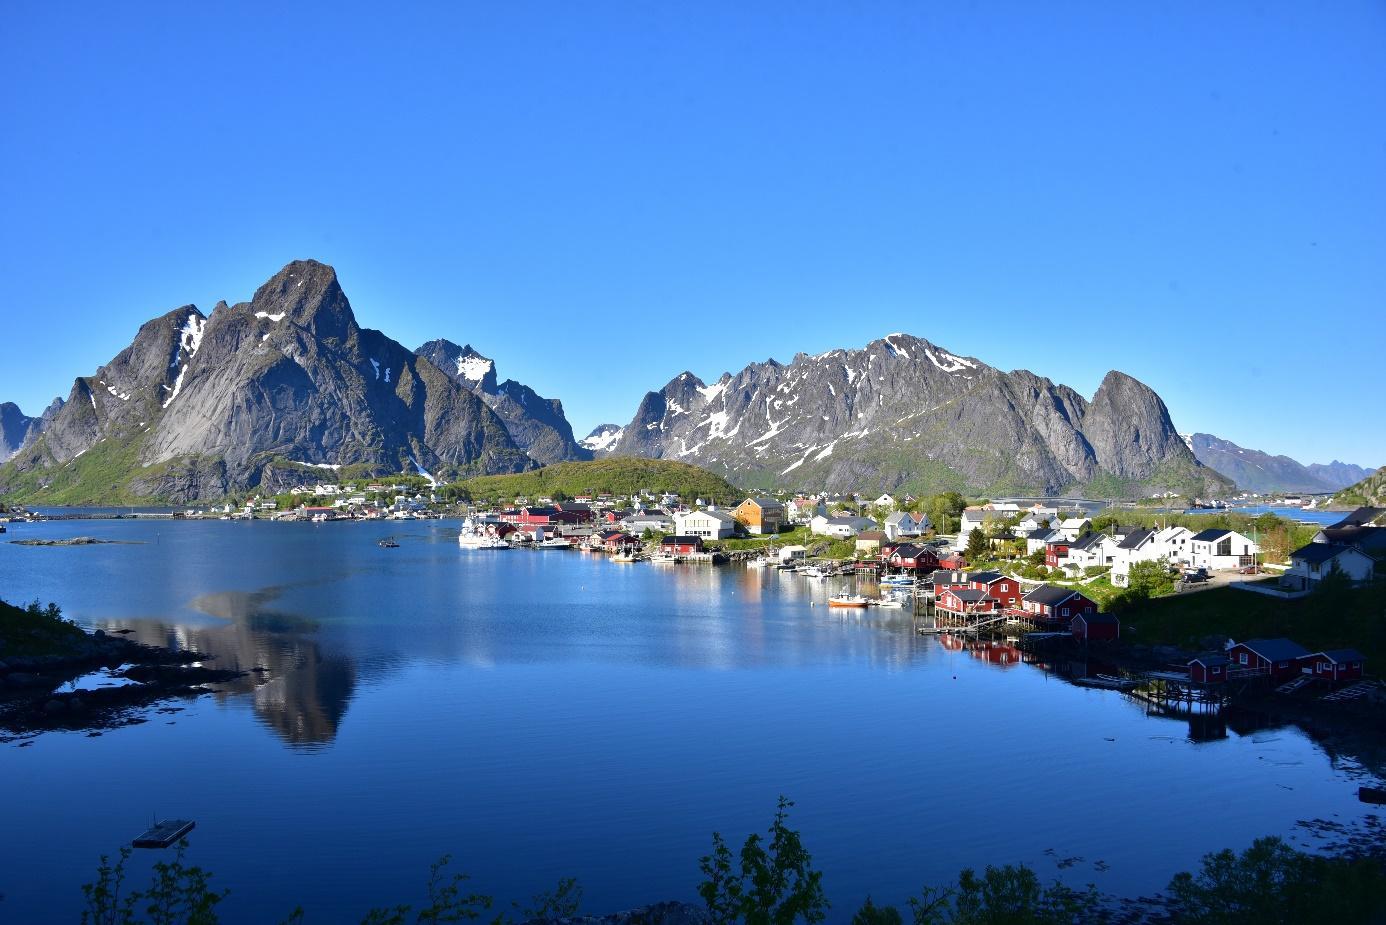 Et bilde som inneholder vann, utendørs, natur, fjell  Automatisk generert beskrivelse